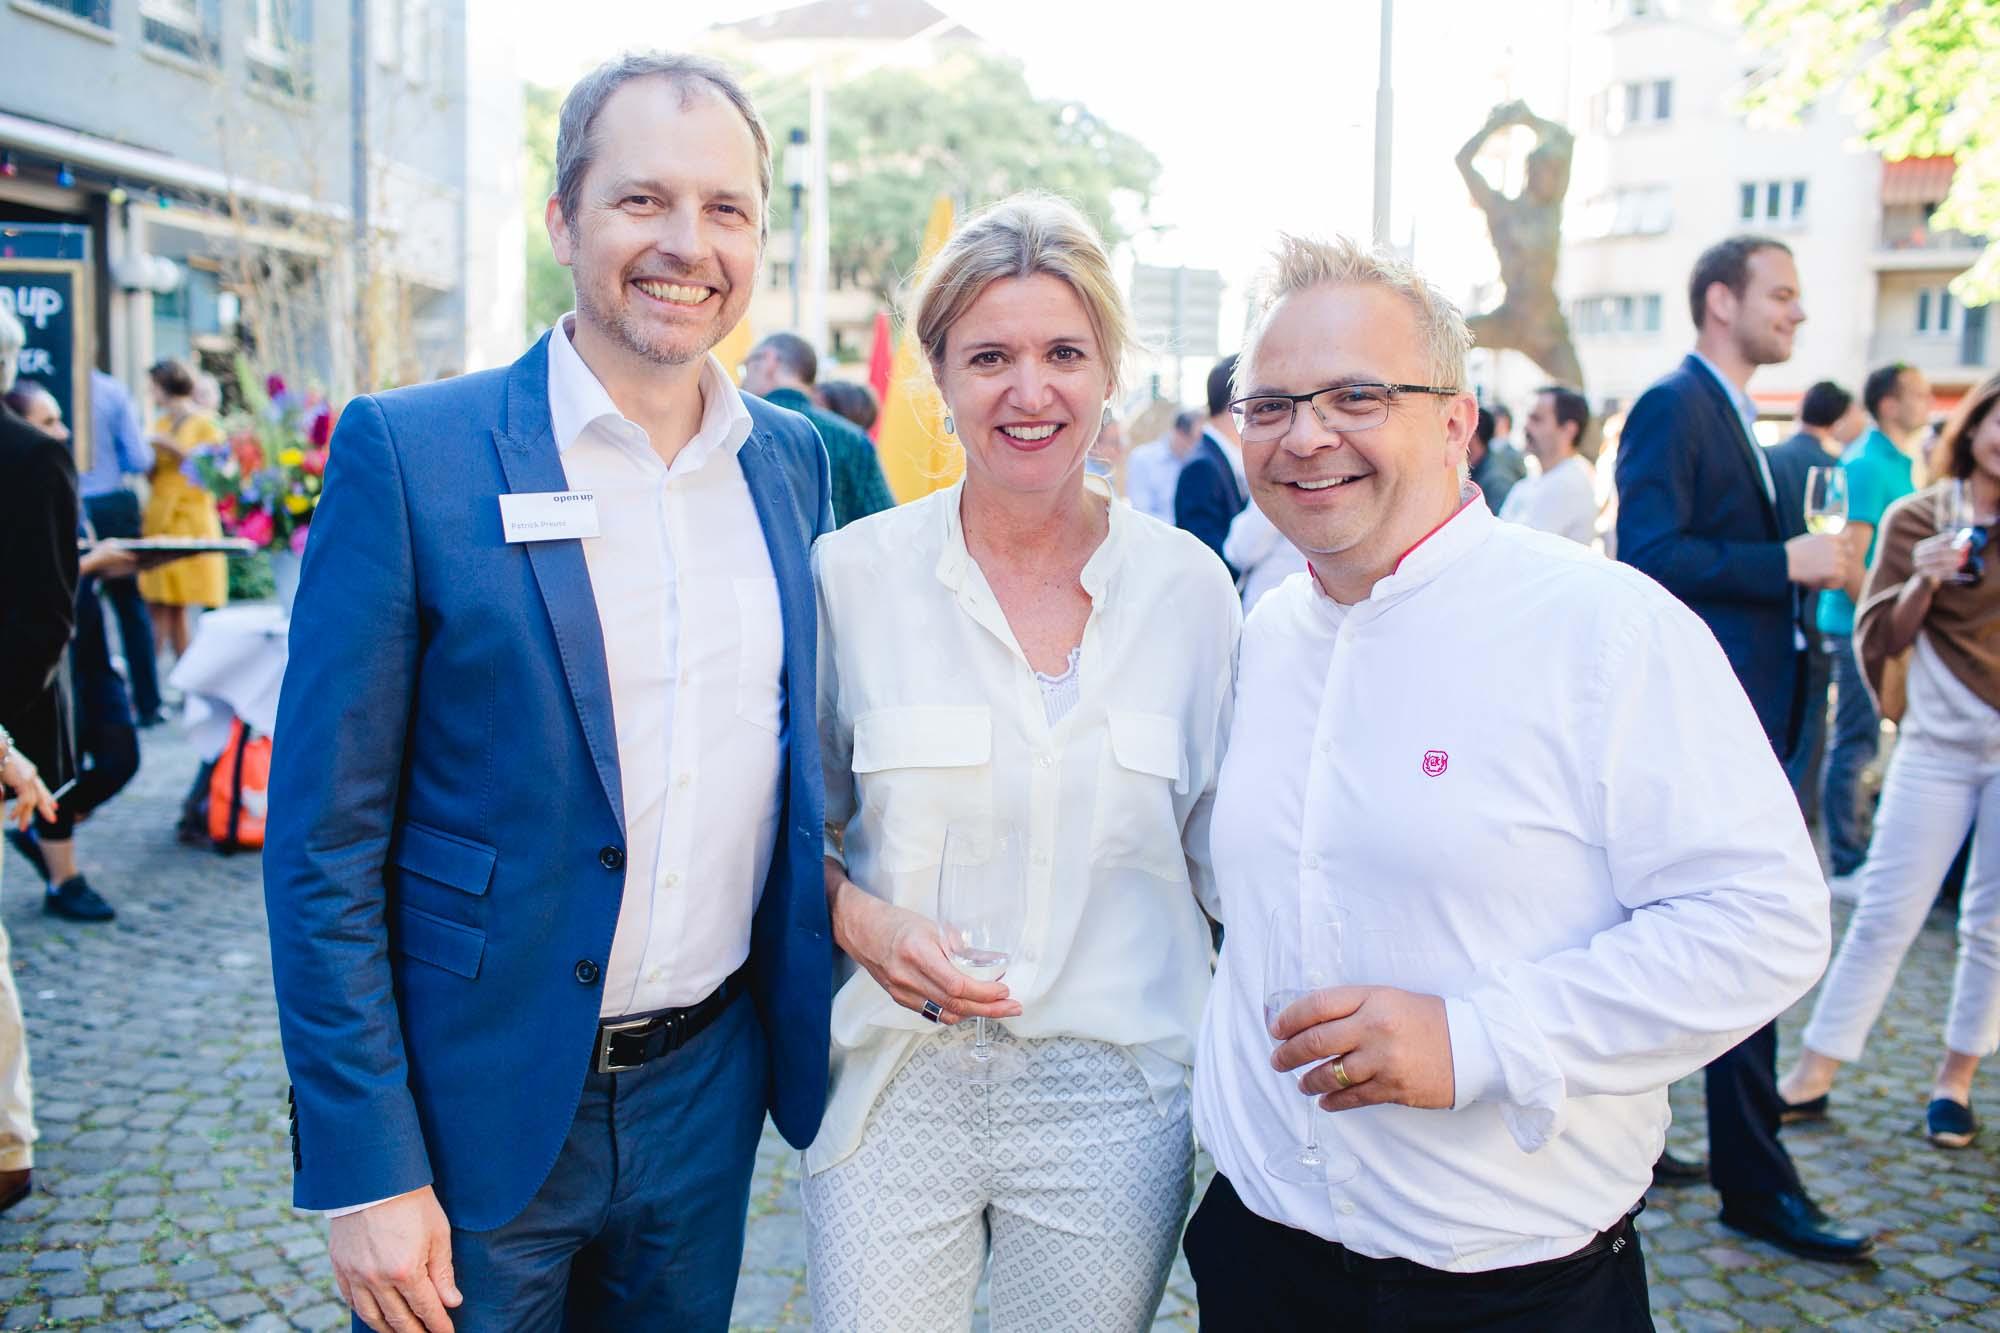 Patrick Preuss, Corinne Römer and Stefan Schmid